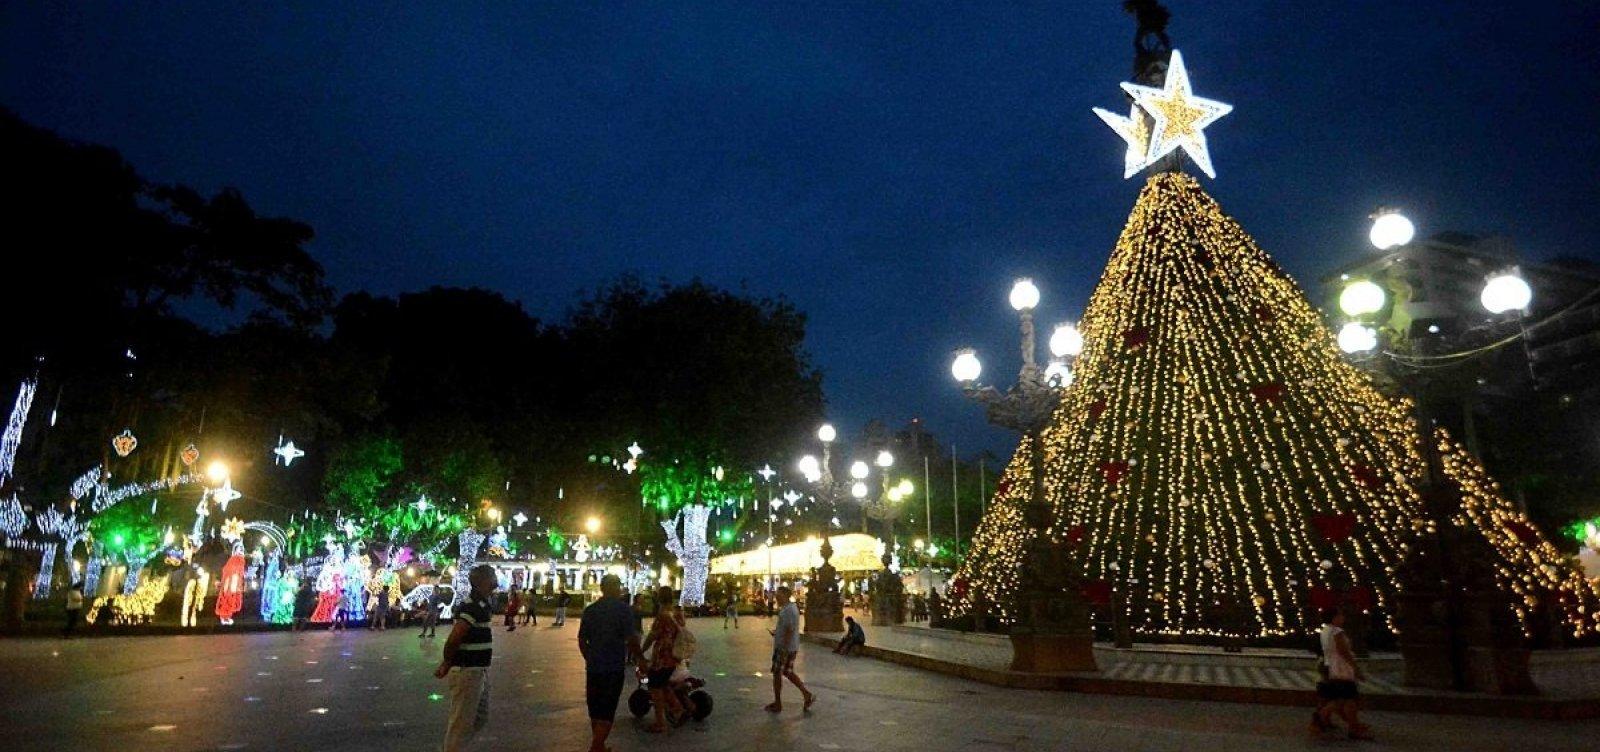 Prefeitura vai antecipar Natal em Salvador e promete iluminação em Periperi igual ao Campo Grande